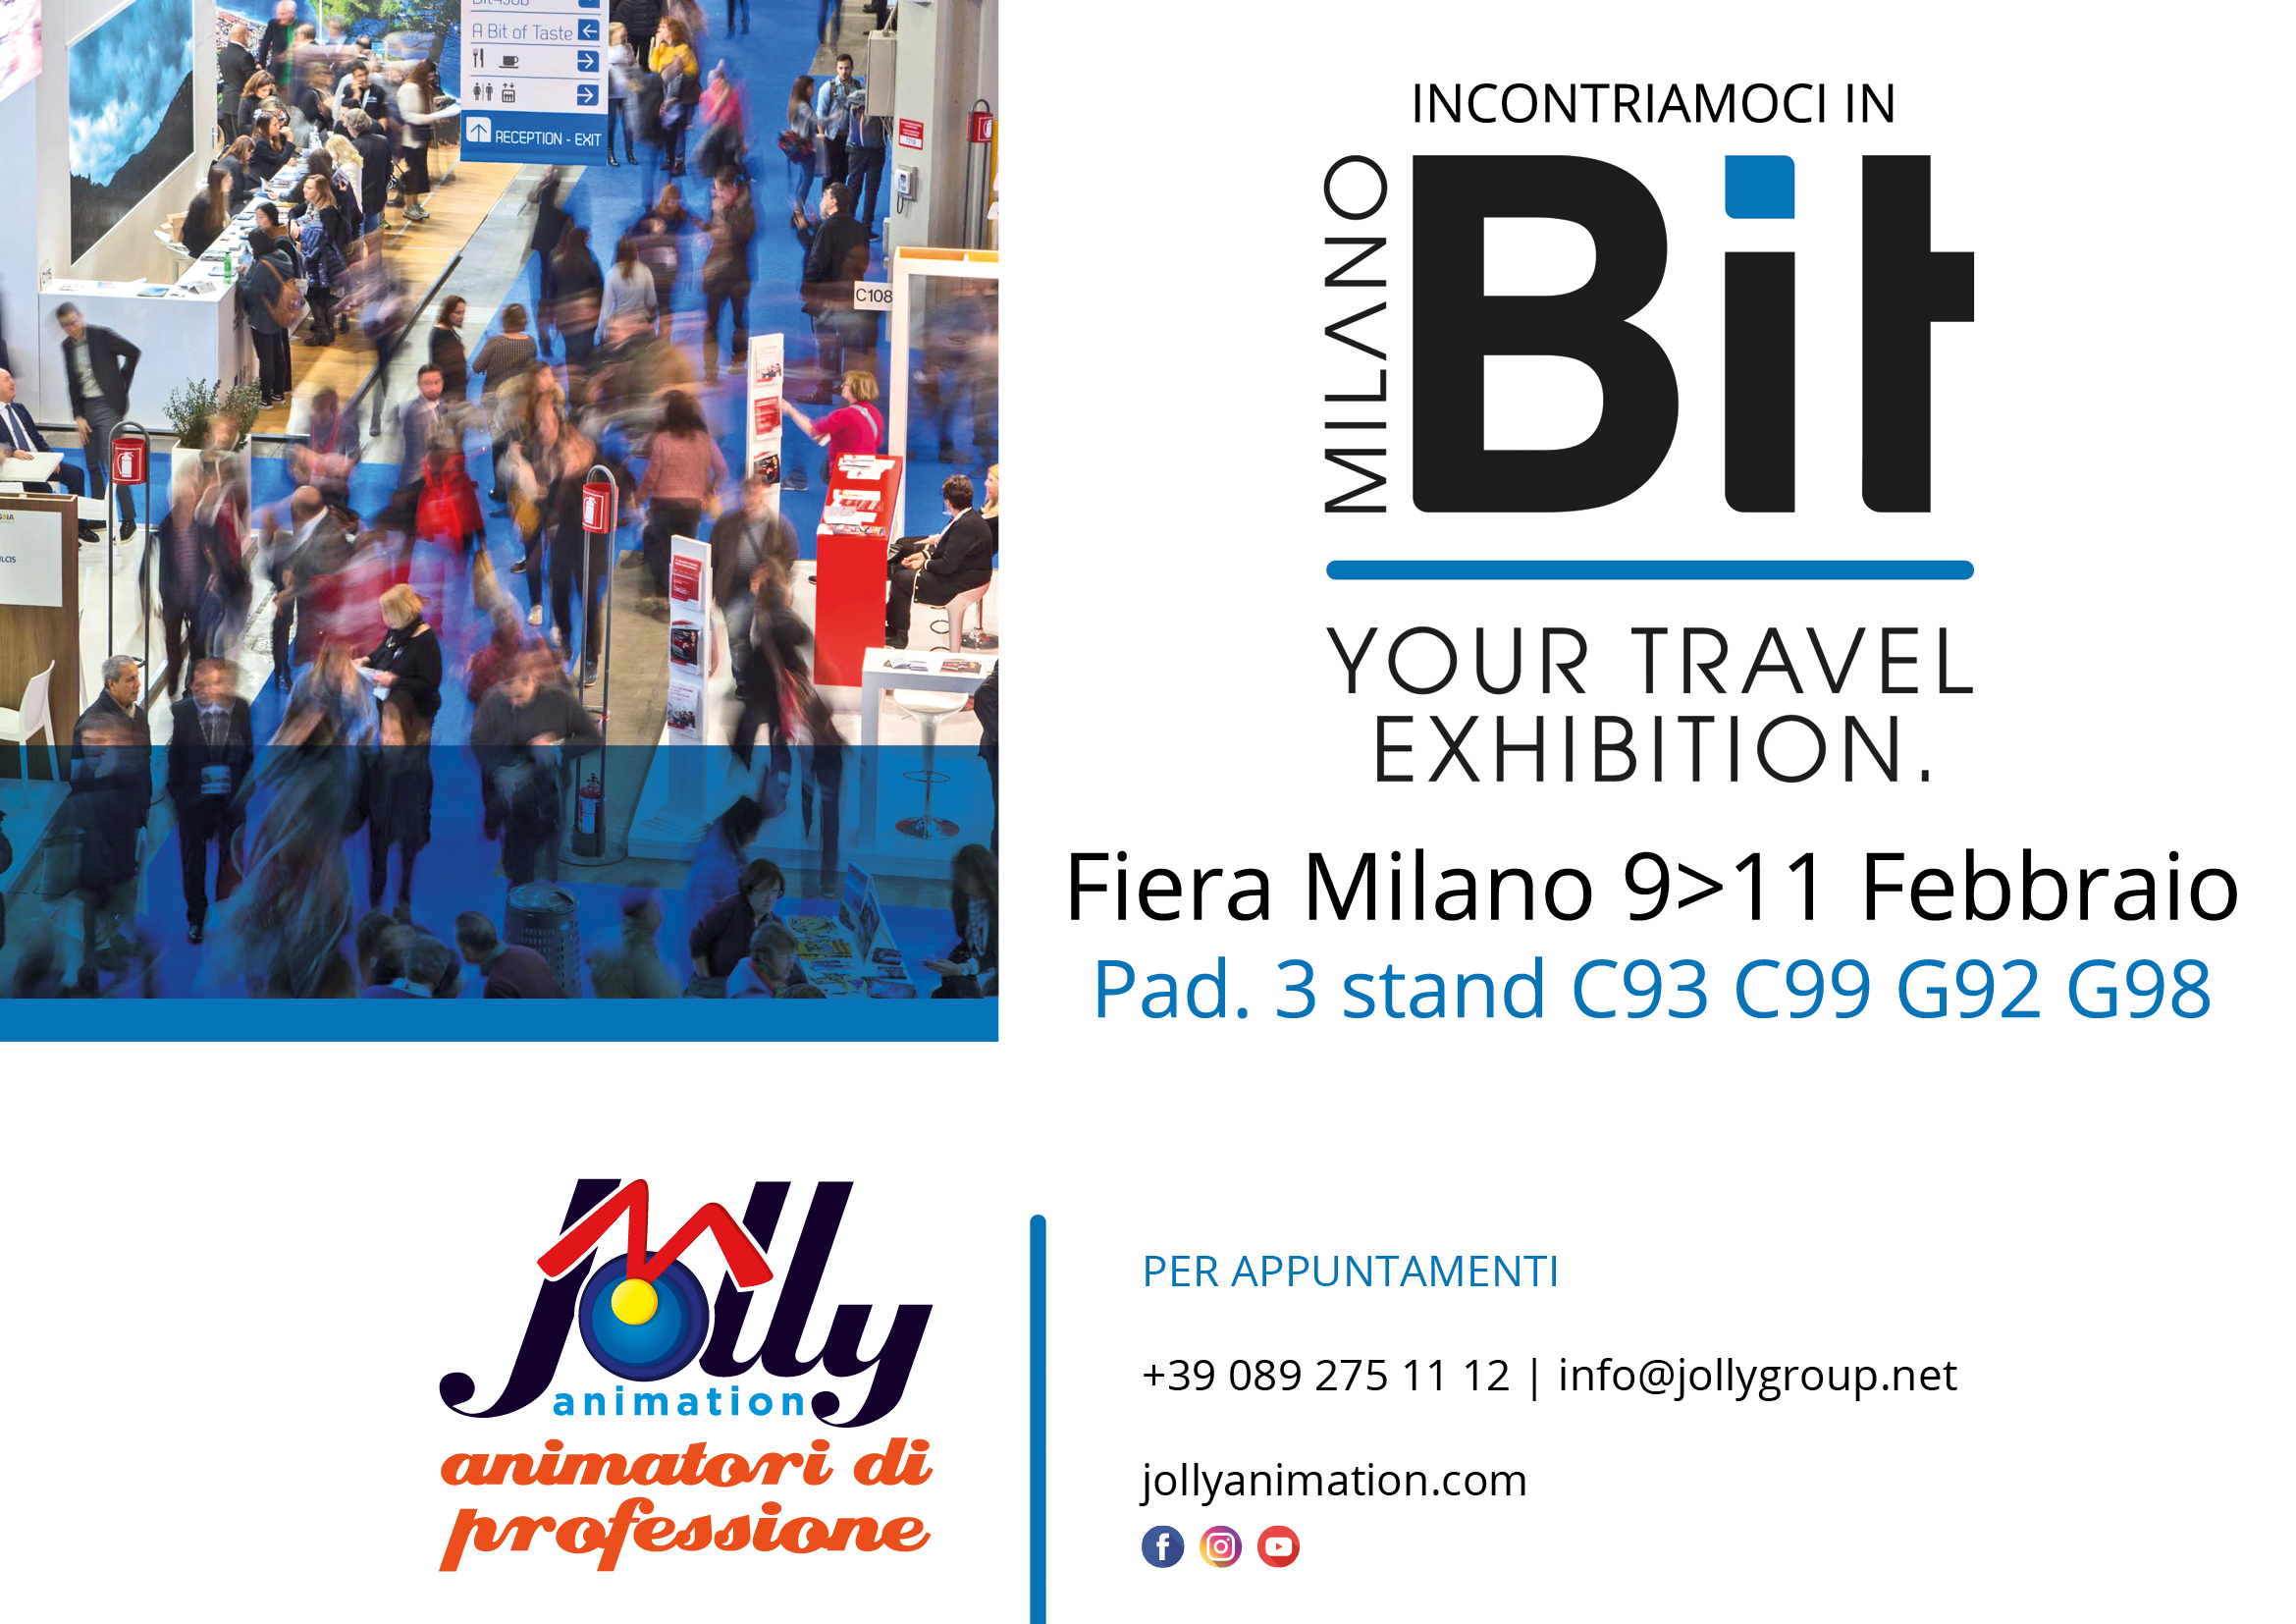 Incontriamoci in BIT a Milano dal 9 all'11 febbraio